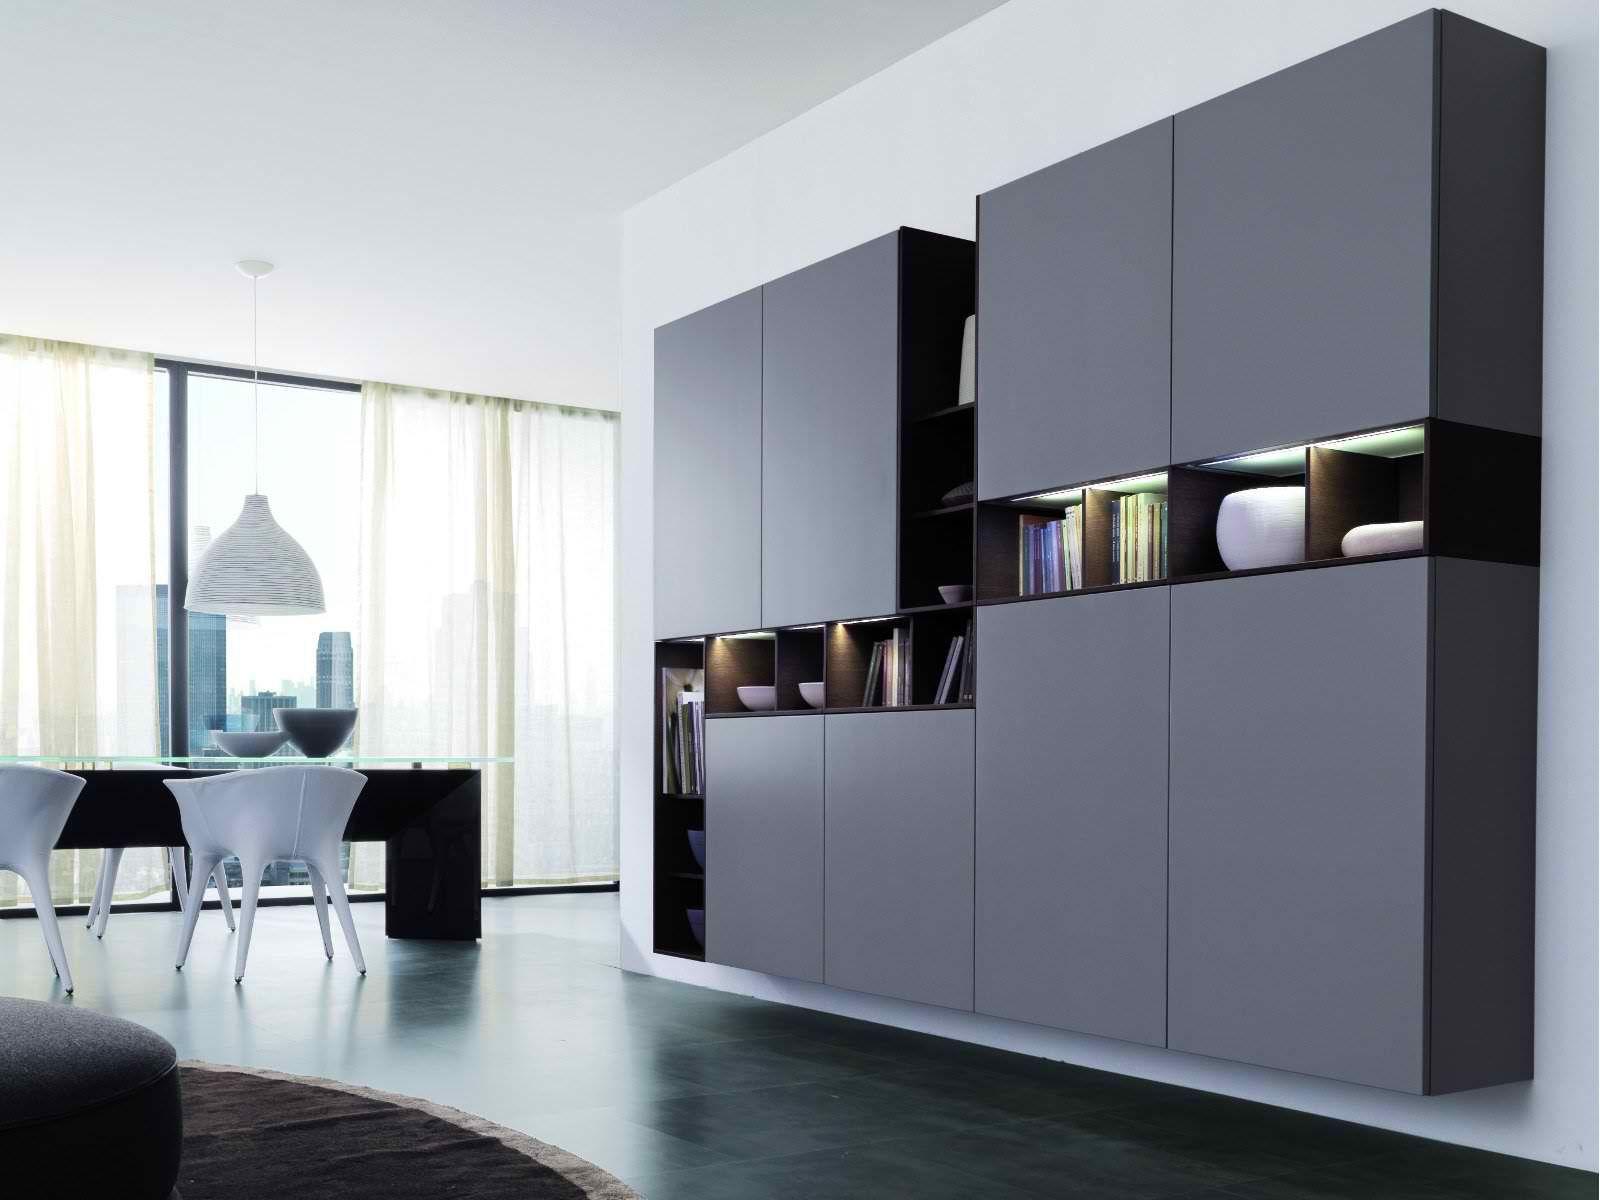 möbel im italienischen stil | ideen.top | italienische möbel